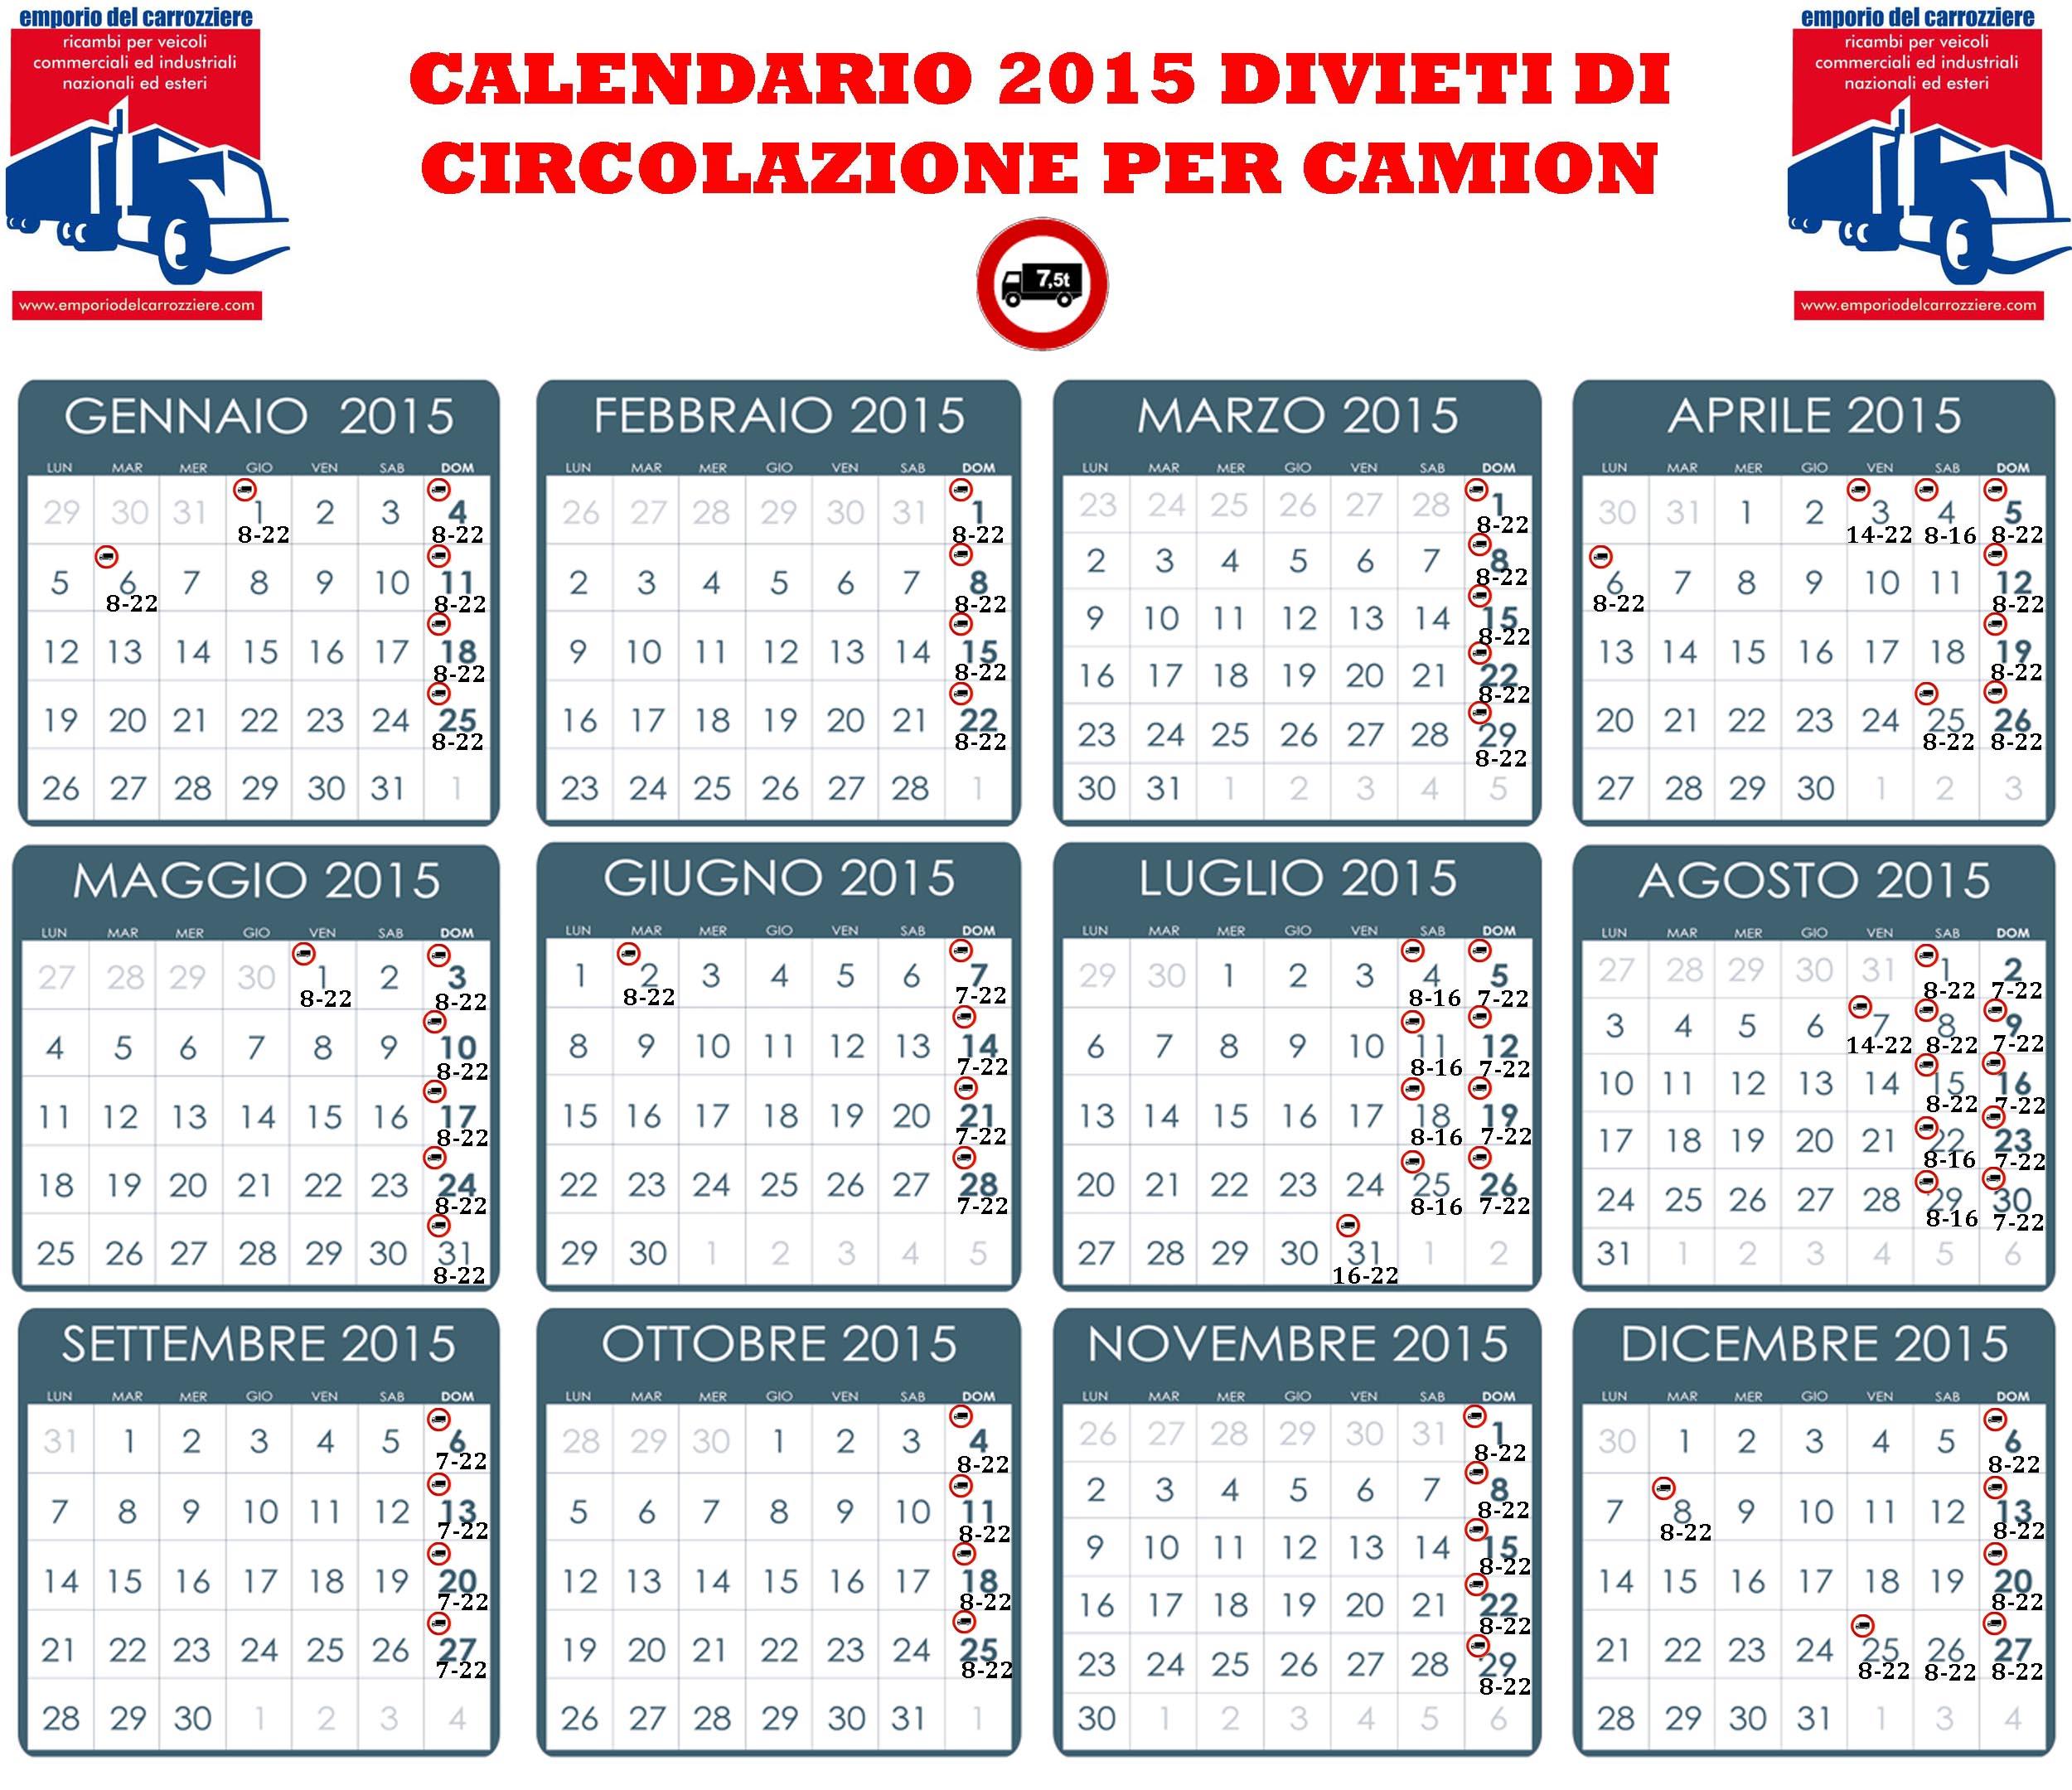 Calendario Divieto Circolazione Mezzi Pesanti.Divieto Circolazione Mezzi Pesanti Polizia Stradale